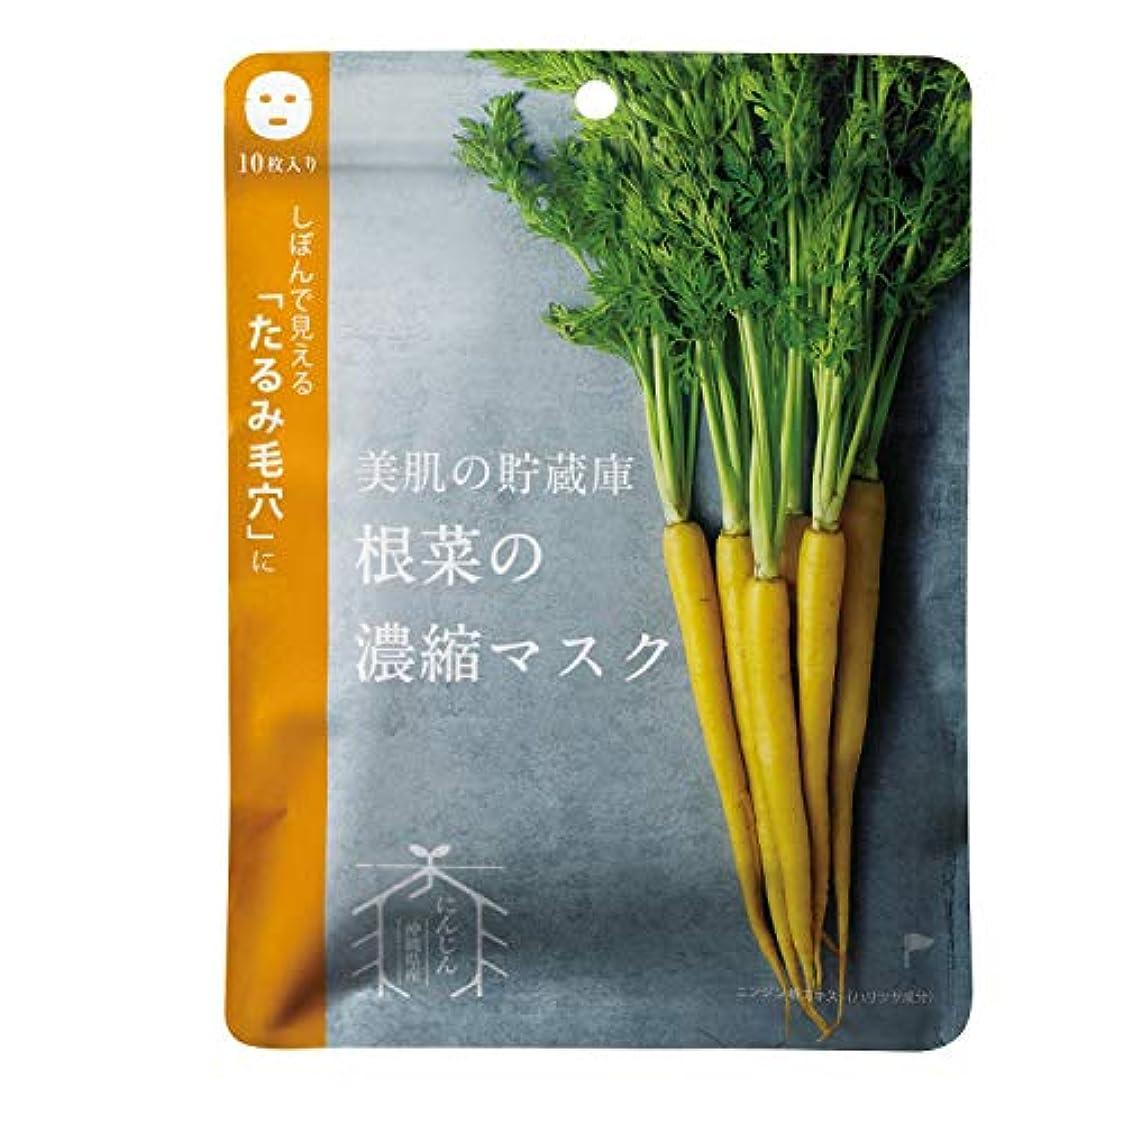 急速なメッセージ海@cosme nippon 美肌の貯蔵庫 根菜の濃縮マスク 島にんじん 10枚 160ml